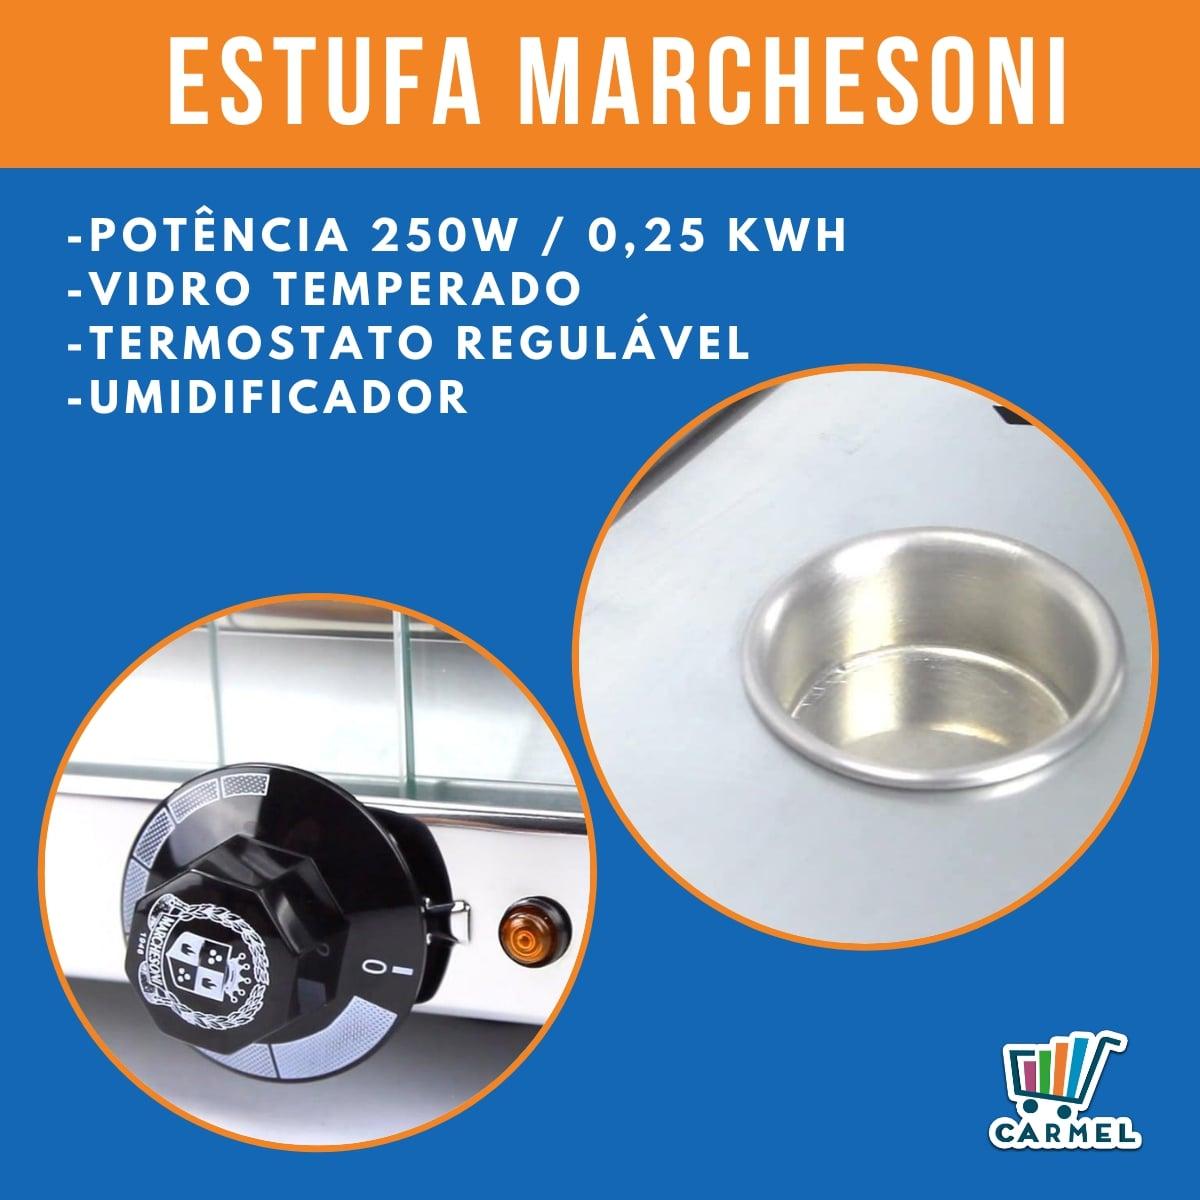 Estufa Para Salgados Curva Marchesoni 6 Bandejas Linha Ouro - EF2061/062  - Carmel Equipamentos